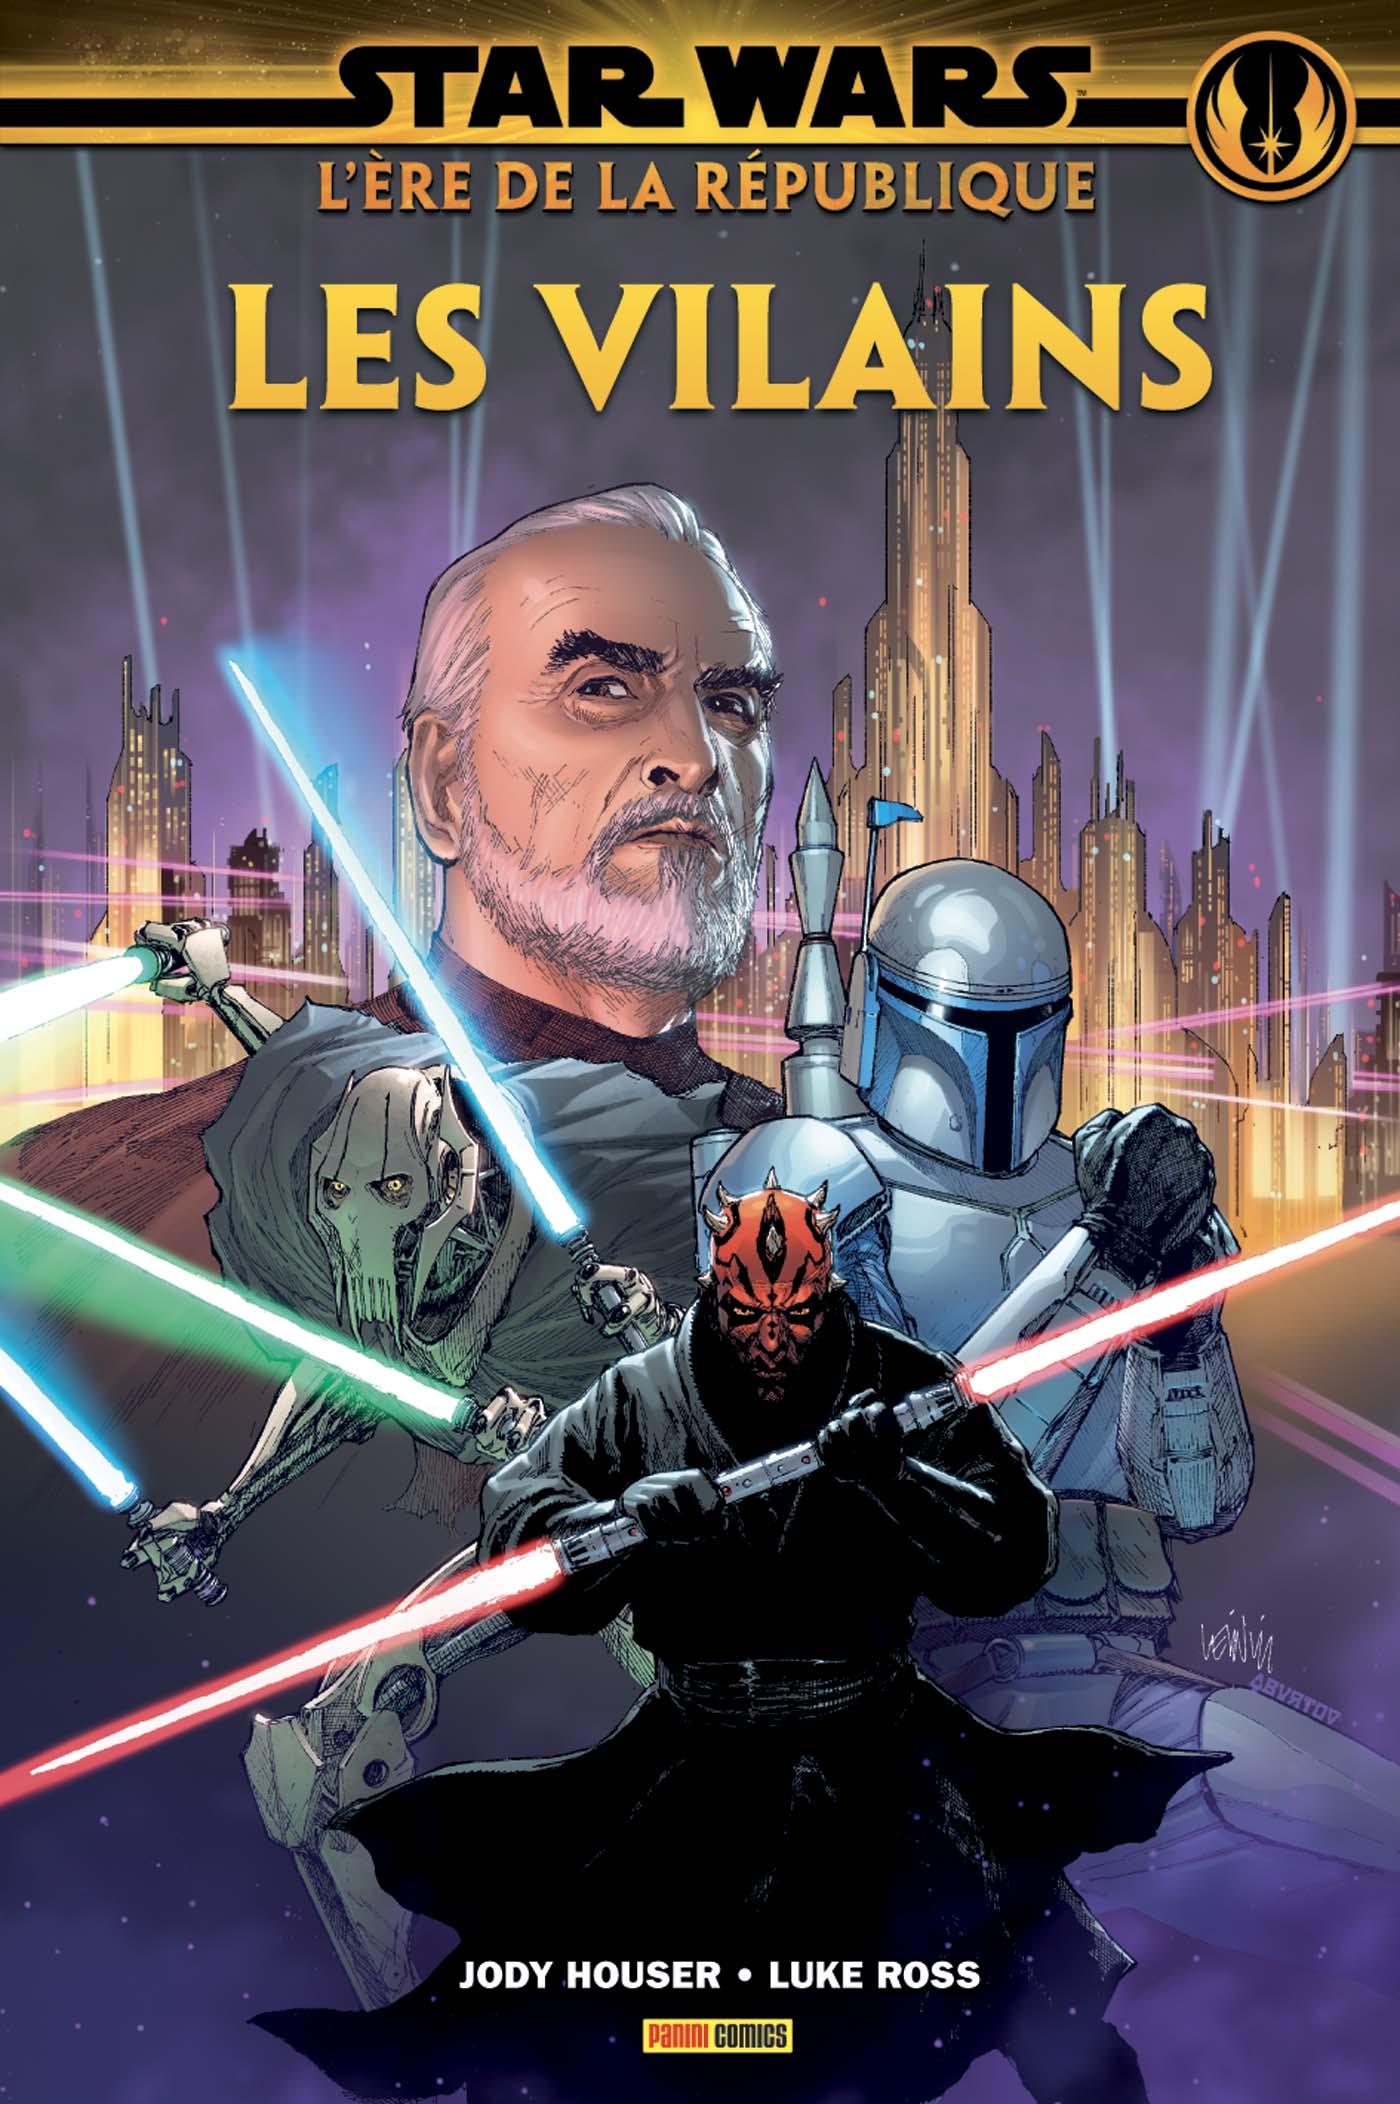 Star Wars : L'Ère de la République — Les Vilains